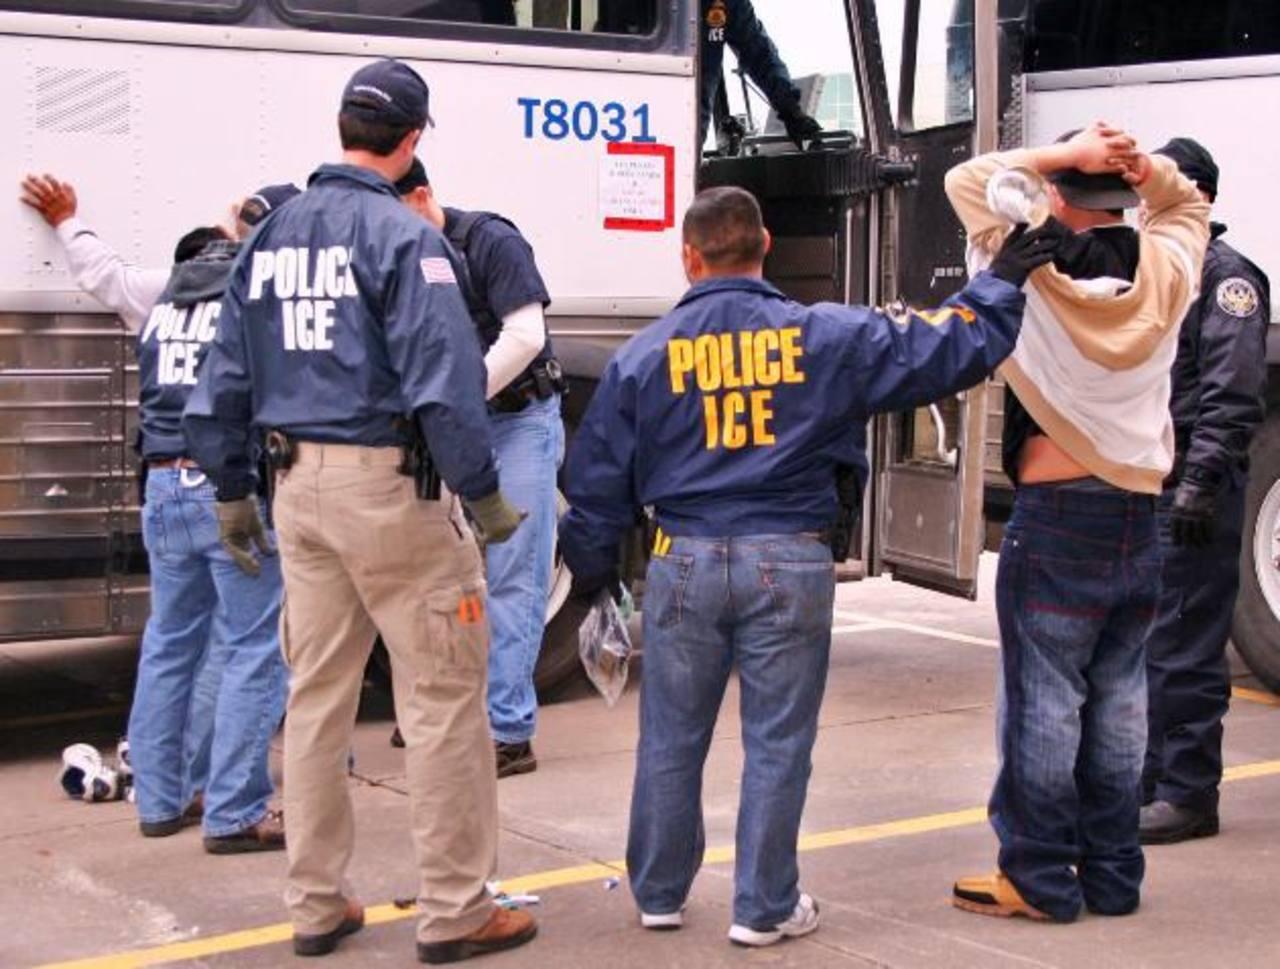 Más de 500 organizaciones y 29 legisladores demócratas pidieron este mes a Obama que detenga las deportaciones de los inmigrantes.